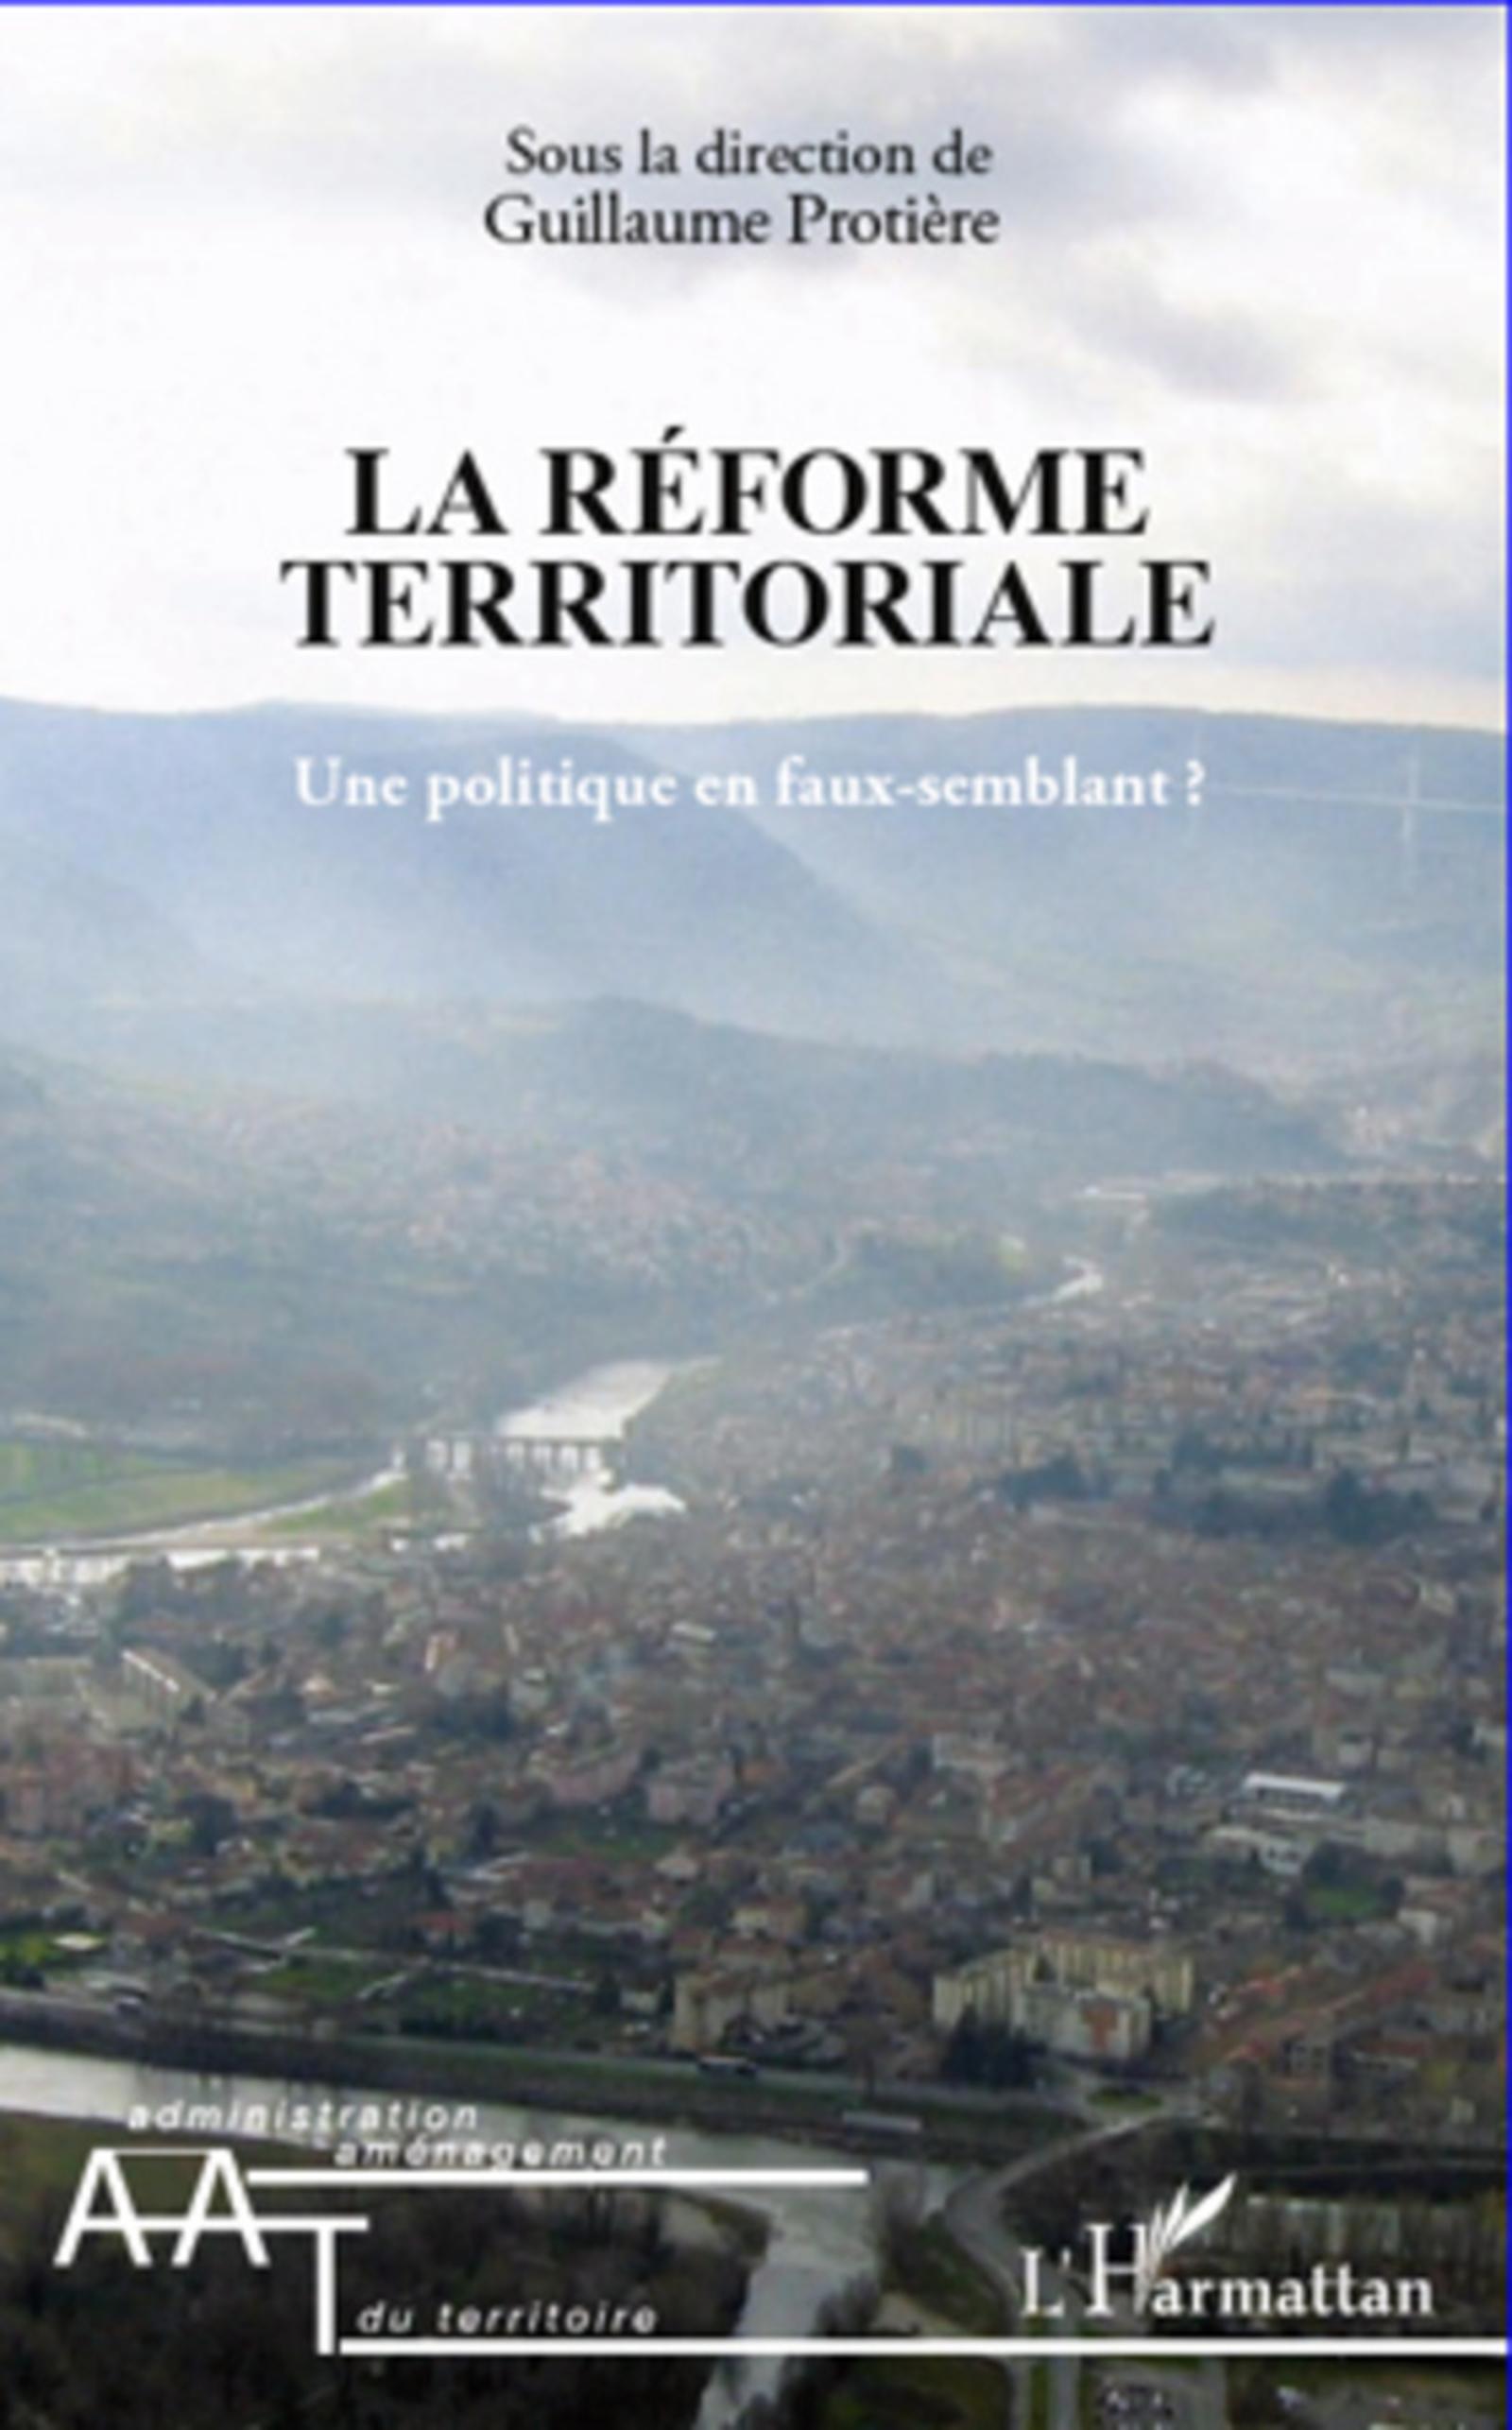 dissertation reforme collectivite territoriale 27 mars 2018  elle a précédé l'adoption d'un important transfert de compétences nouvelles au  profit des collectivités territoriales la réforme constitutionnelle.